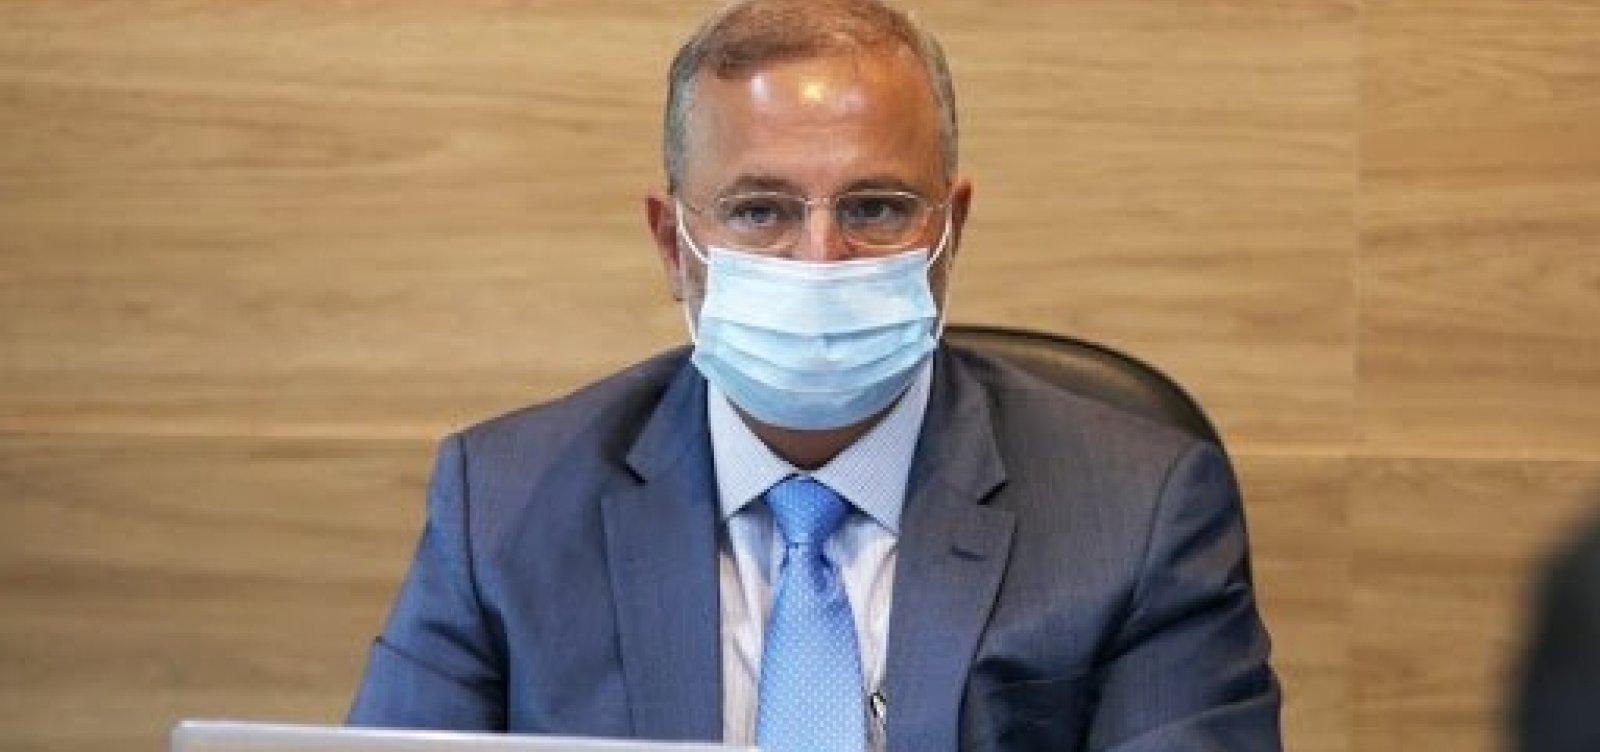 Vacinação da população adulta na Bahia pode ser concluída apenas em 2022, diz Vilas-Boas